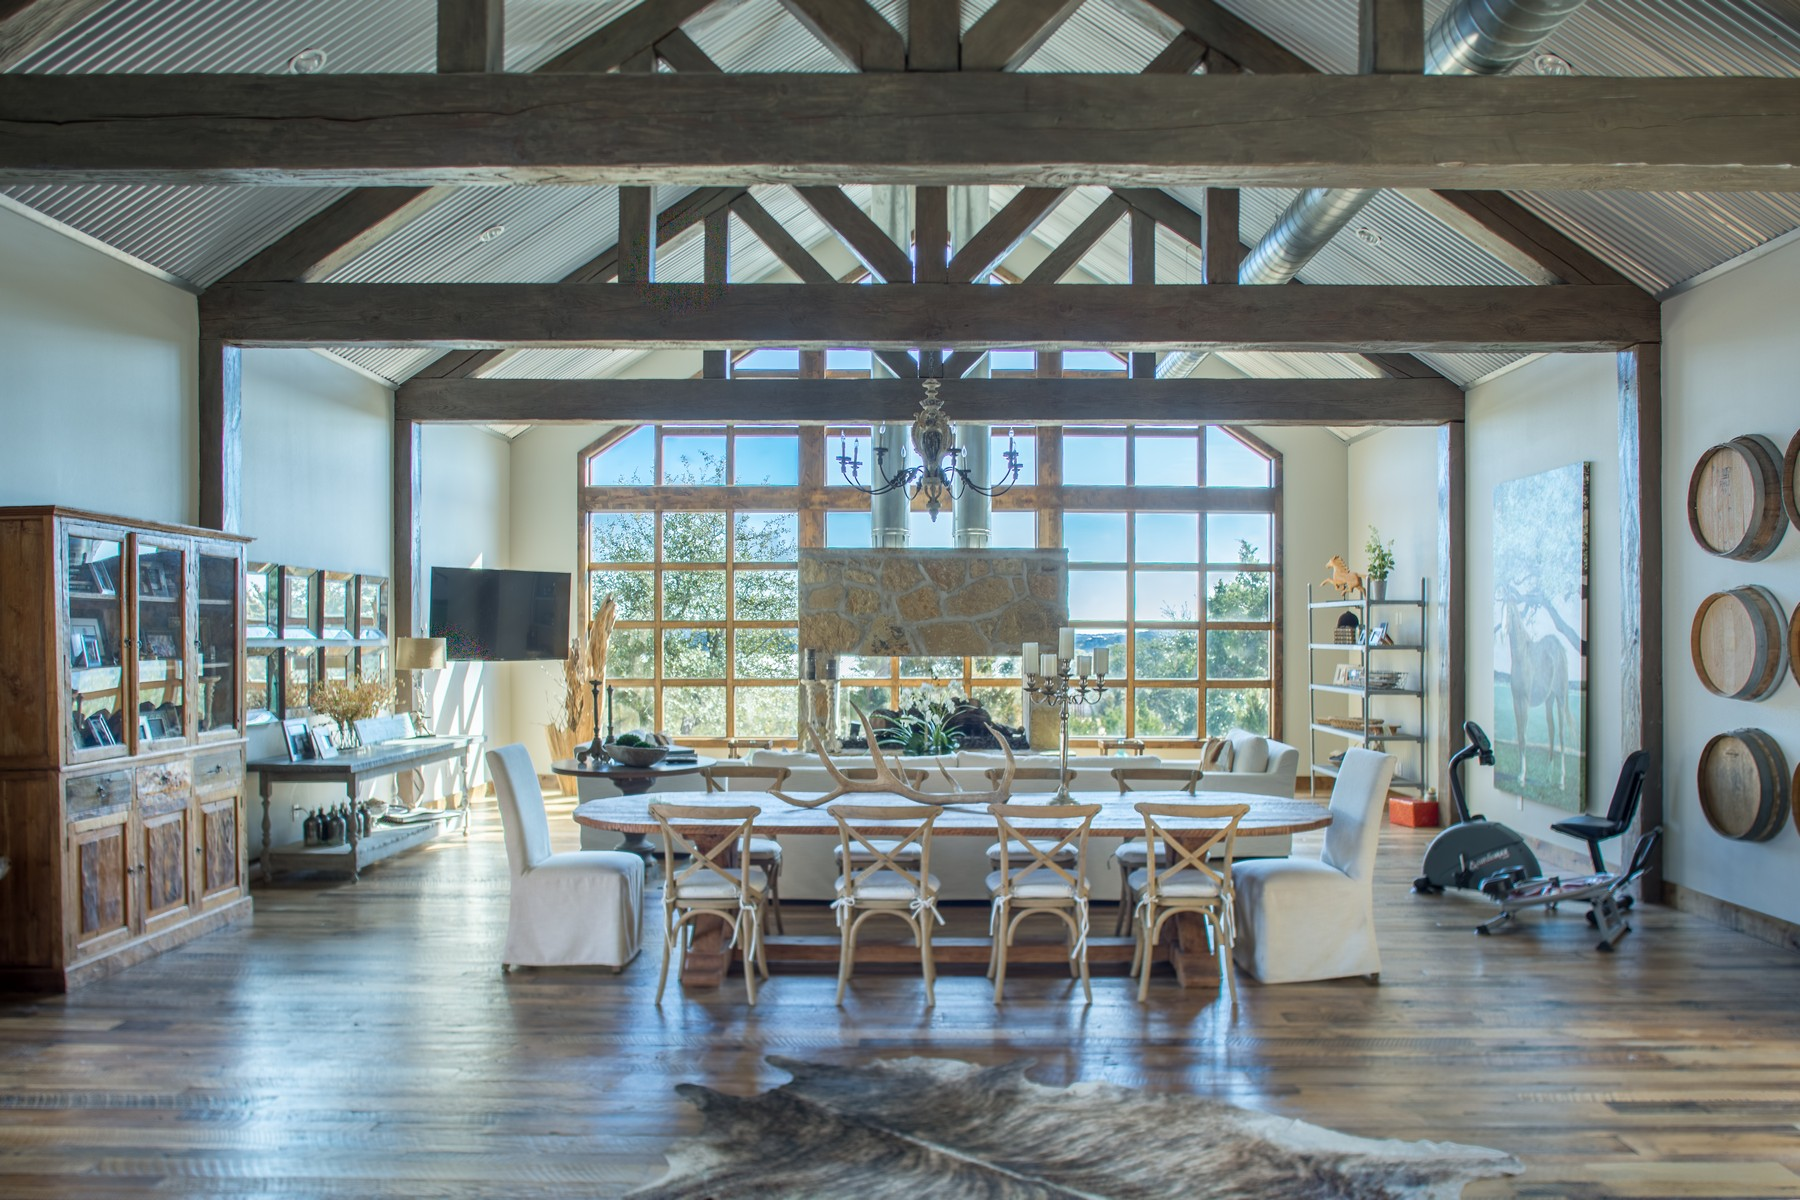 Casa Unifamiliar por un Venta en Modern Farmhouse 19604 Flying J Blvd Spicewood, Texas 78669 Estados Unidos